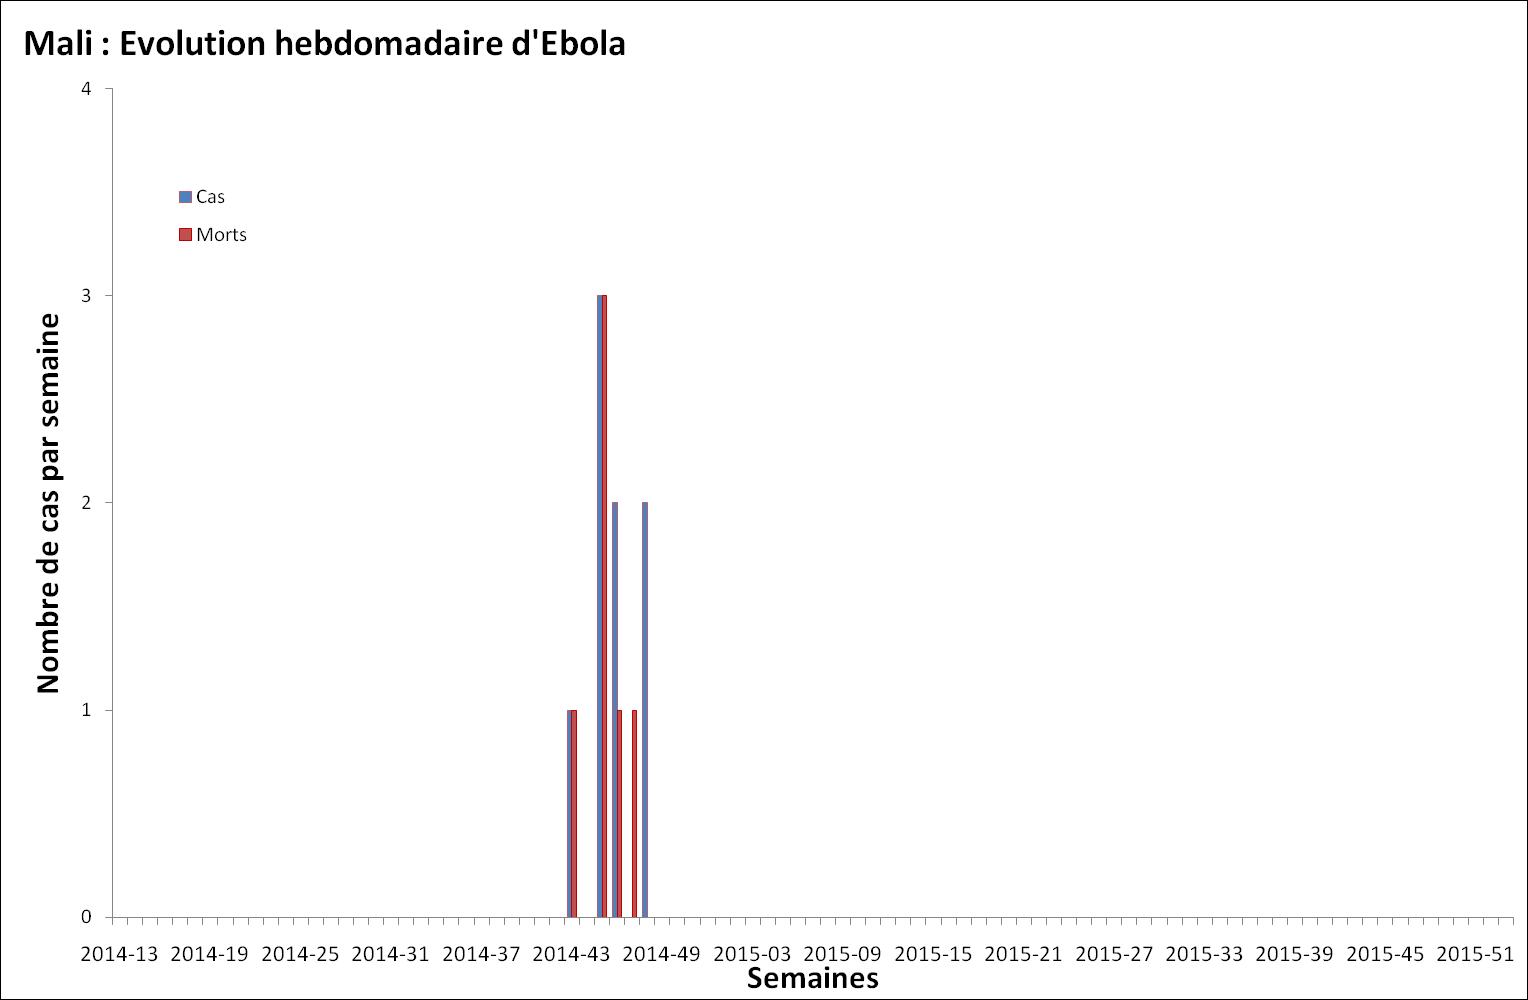 Evolution hebdomadaire des nouveaux malades et décès dus au virus Ebola au Mali